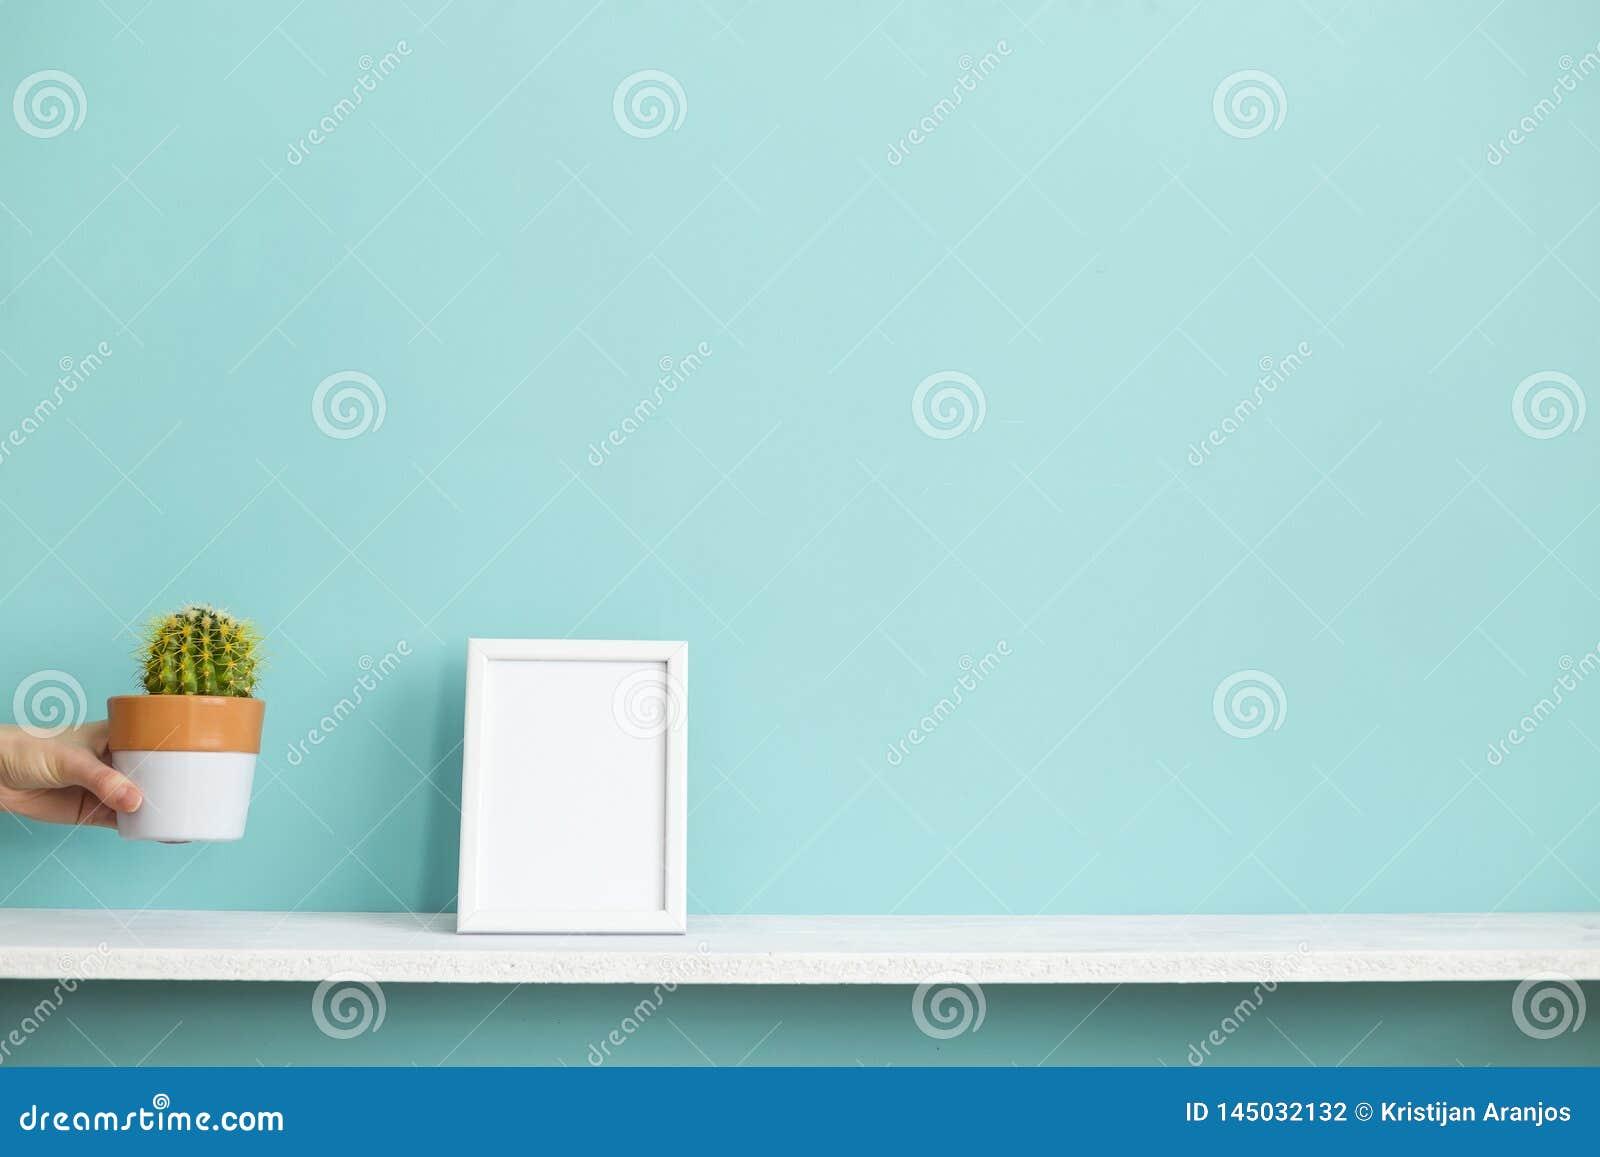 Omlijstingmodel Witte plank tegen pastelkleur turkooise muur met hand die ingemaakte cactus neerzetten